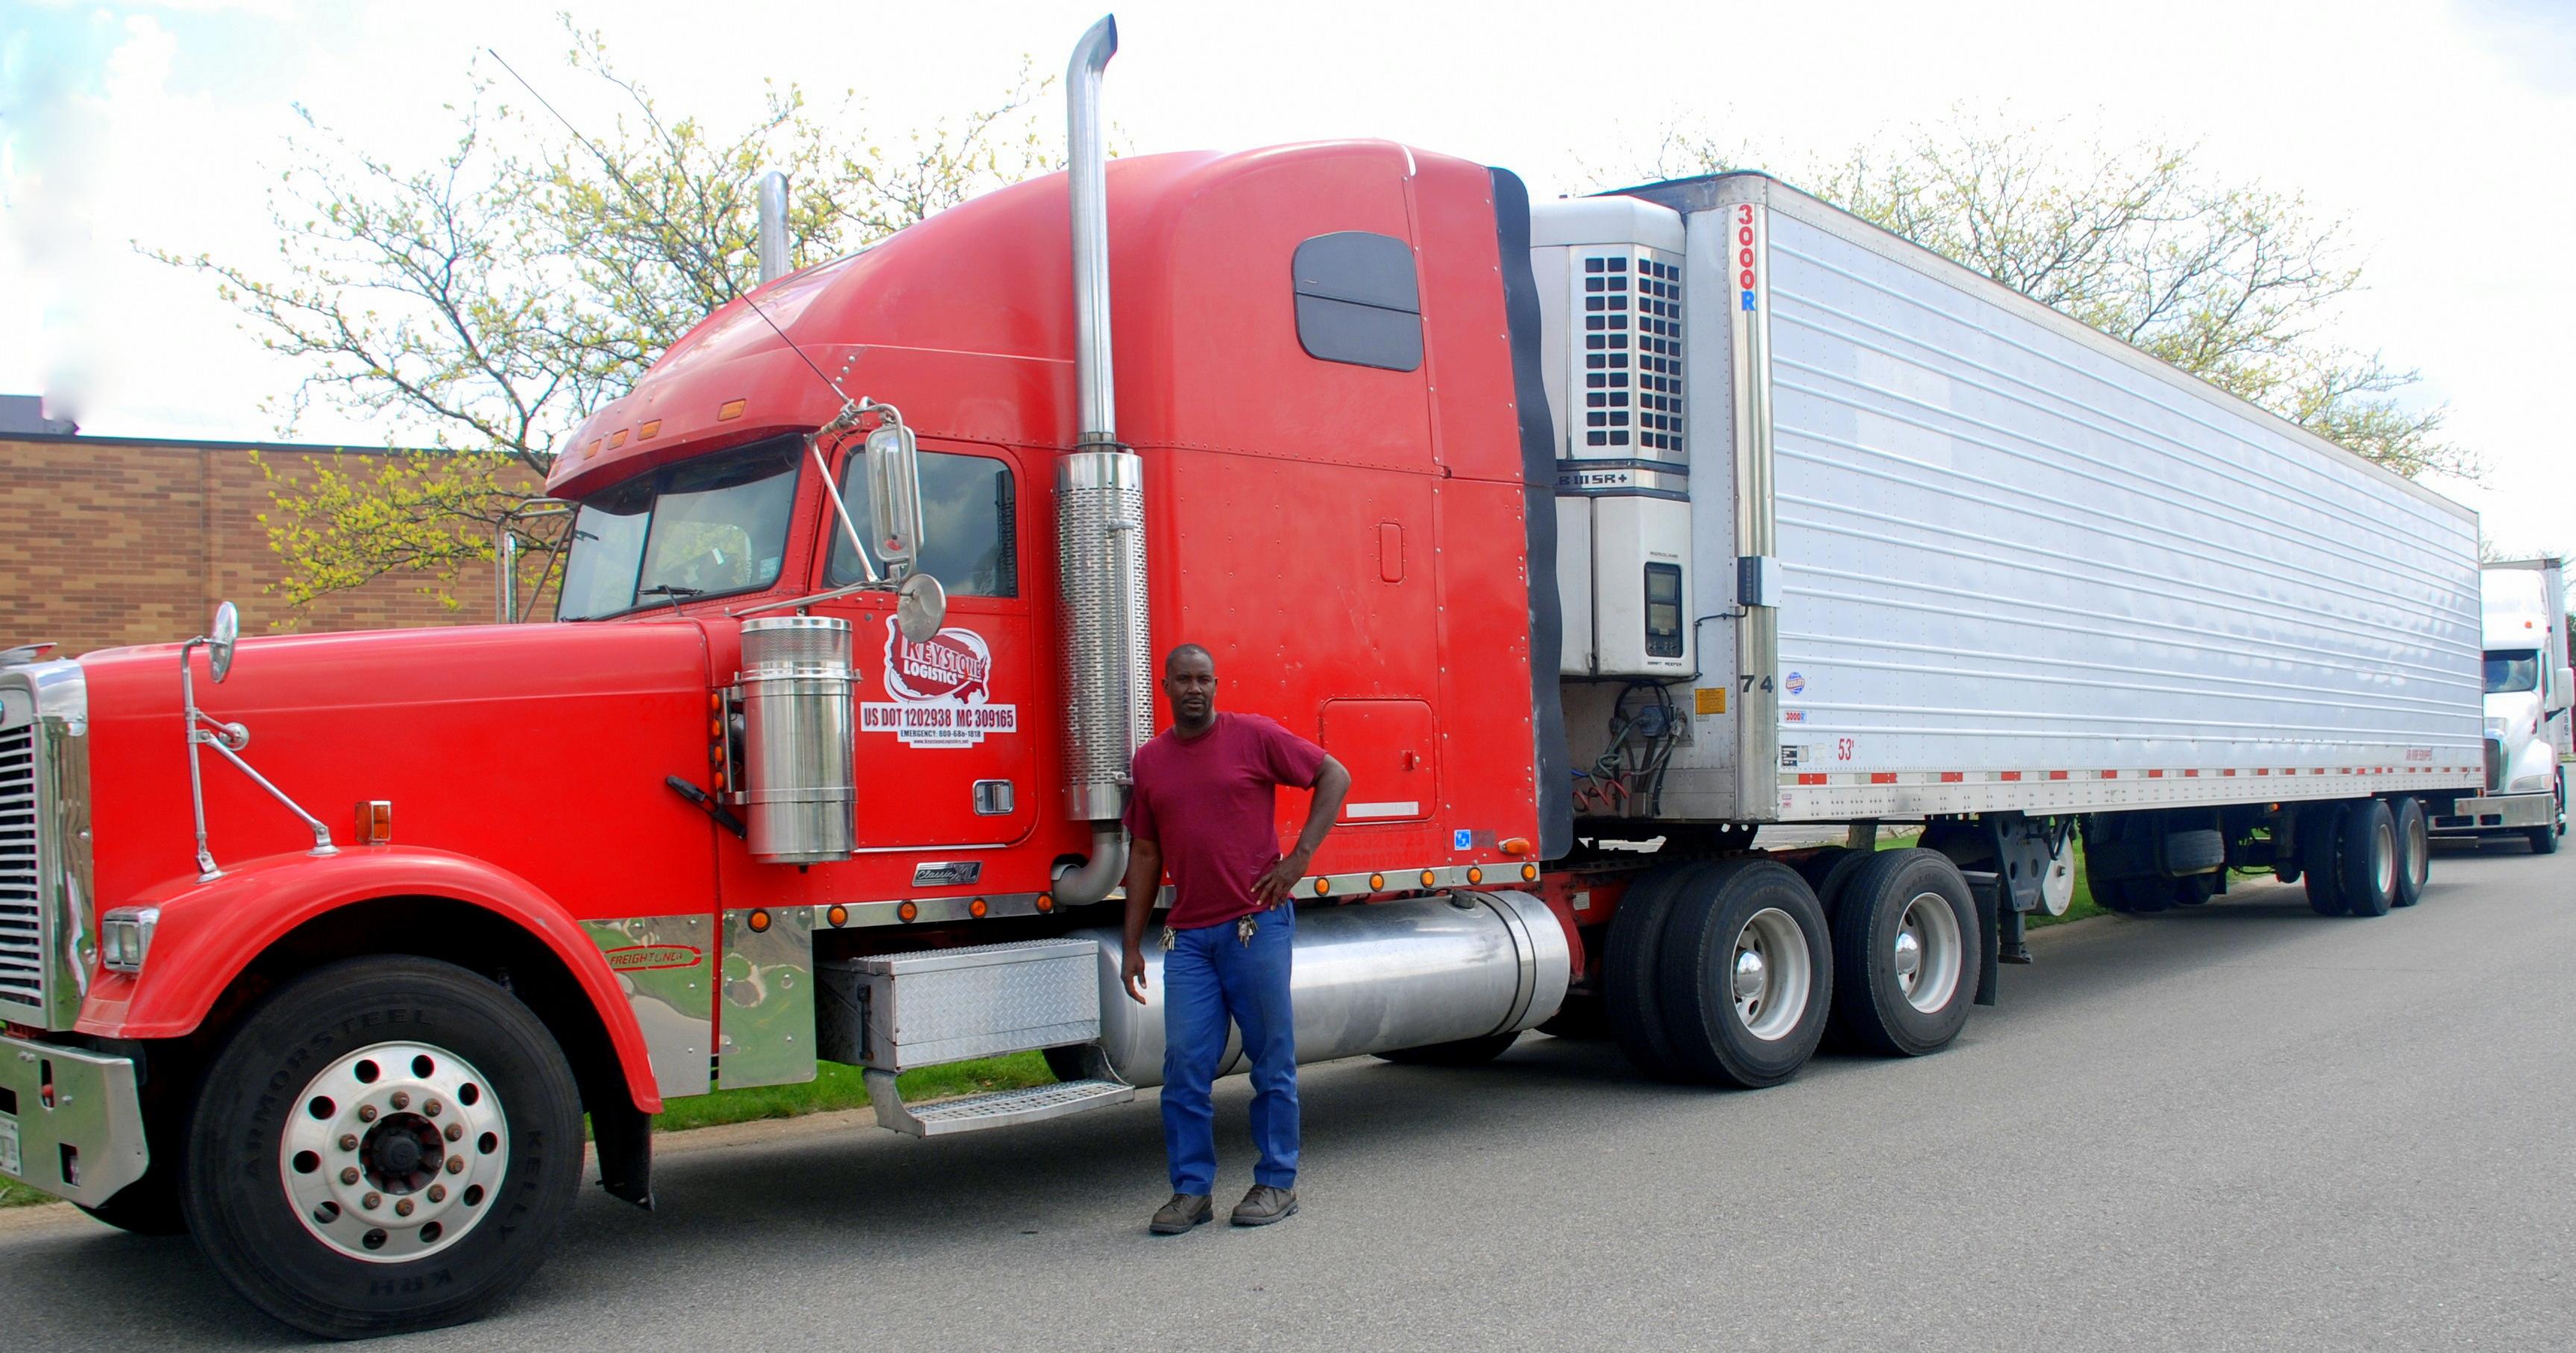 Fleet based insurance for the trucking industry